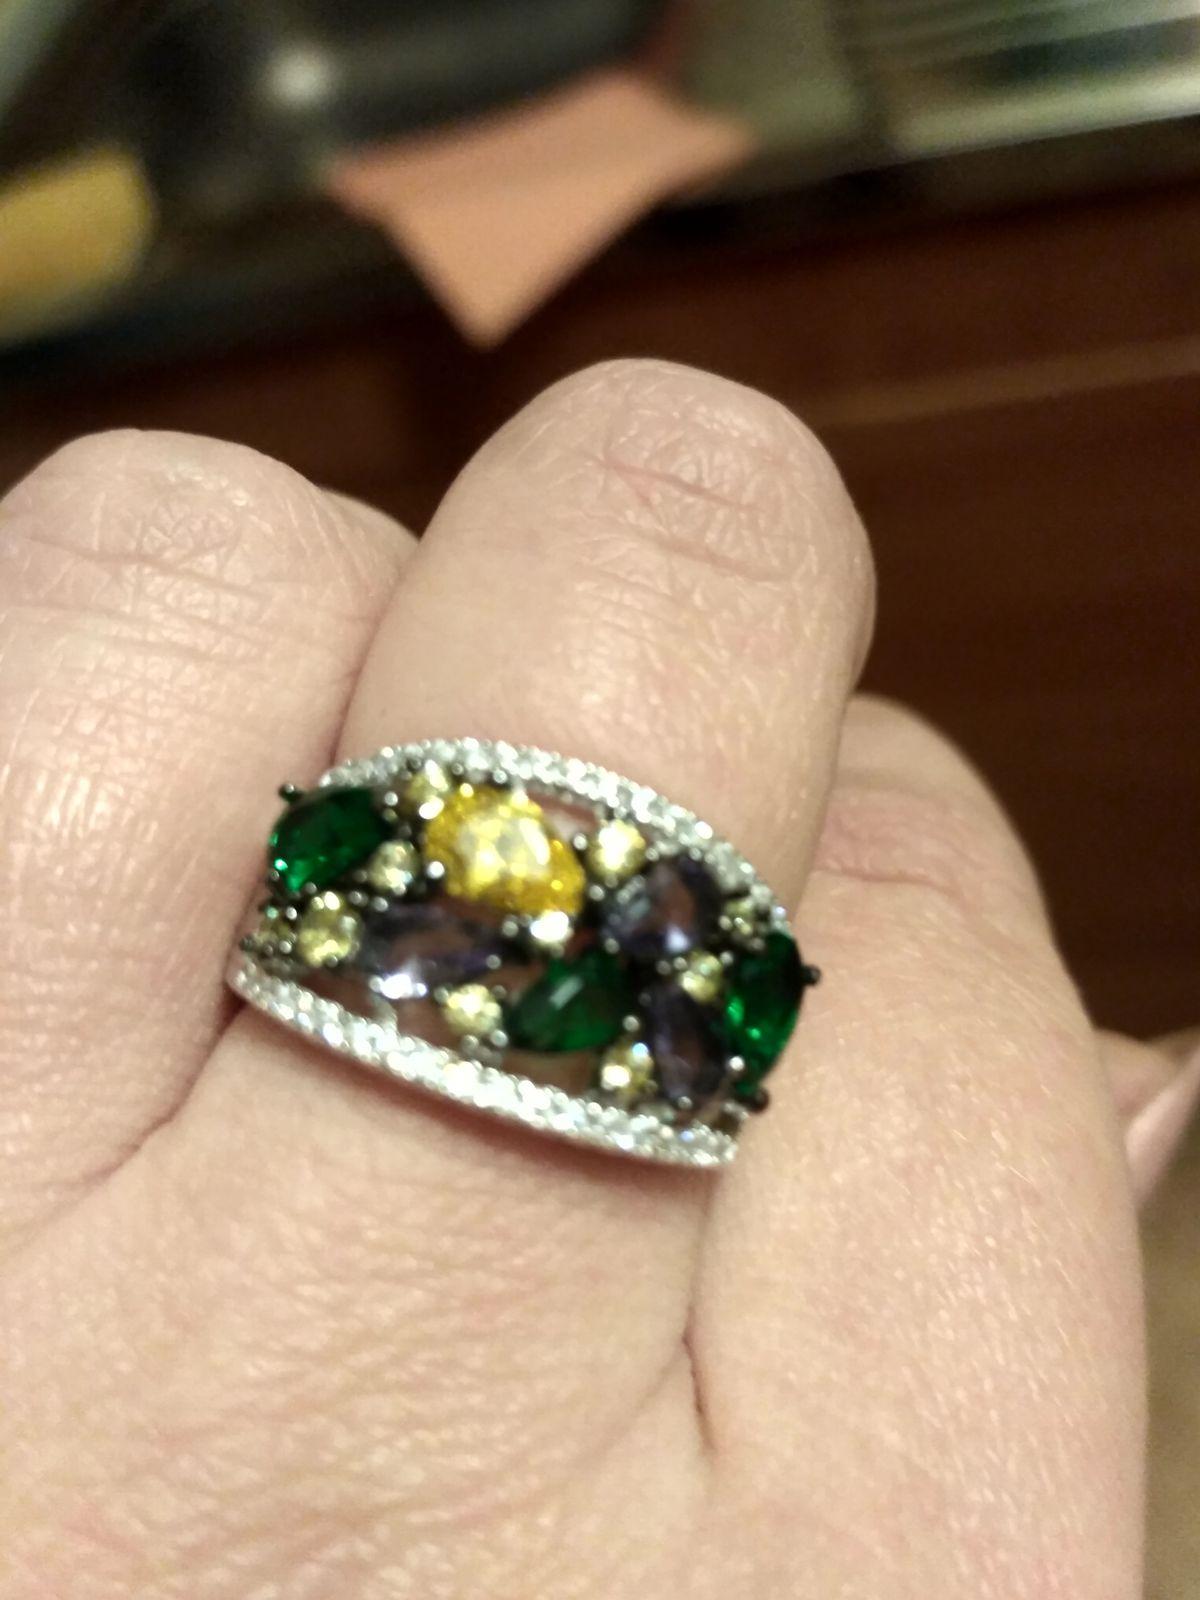 👌 отлично, очень красивое кольцо!